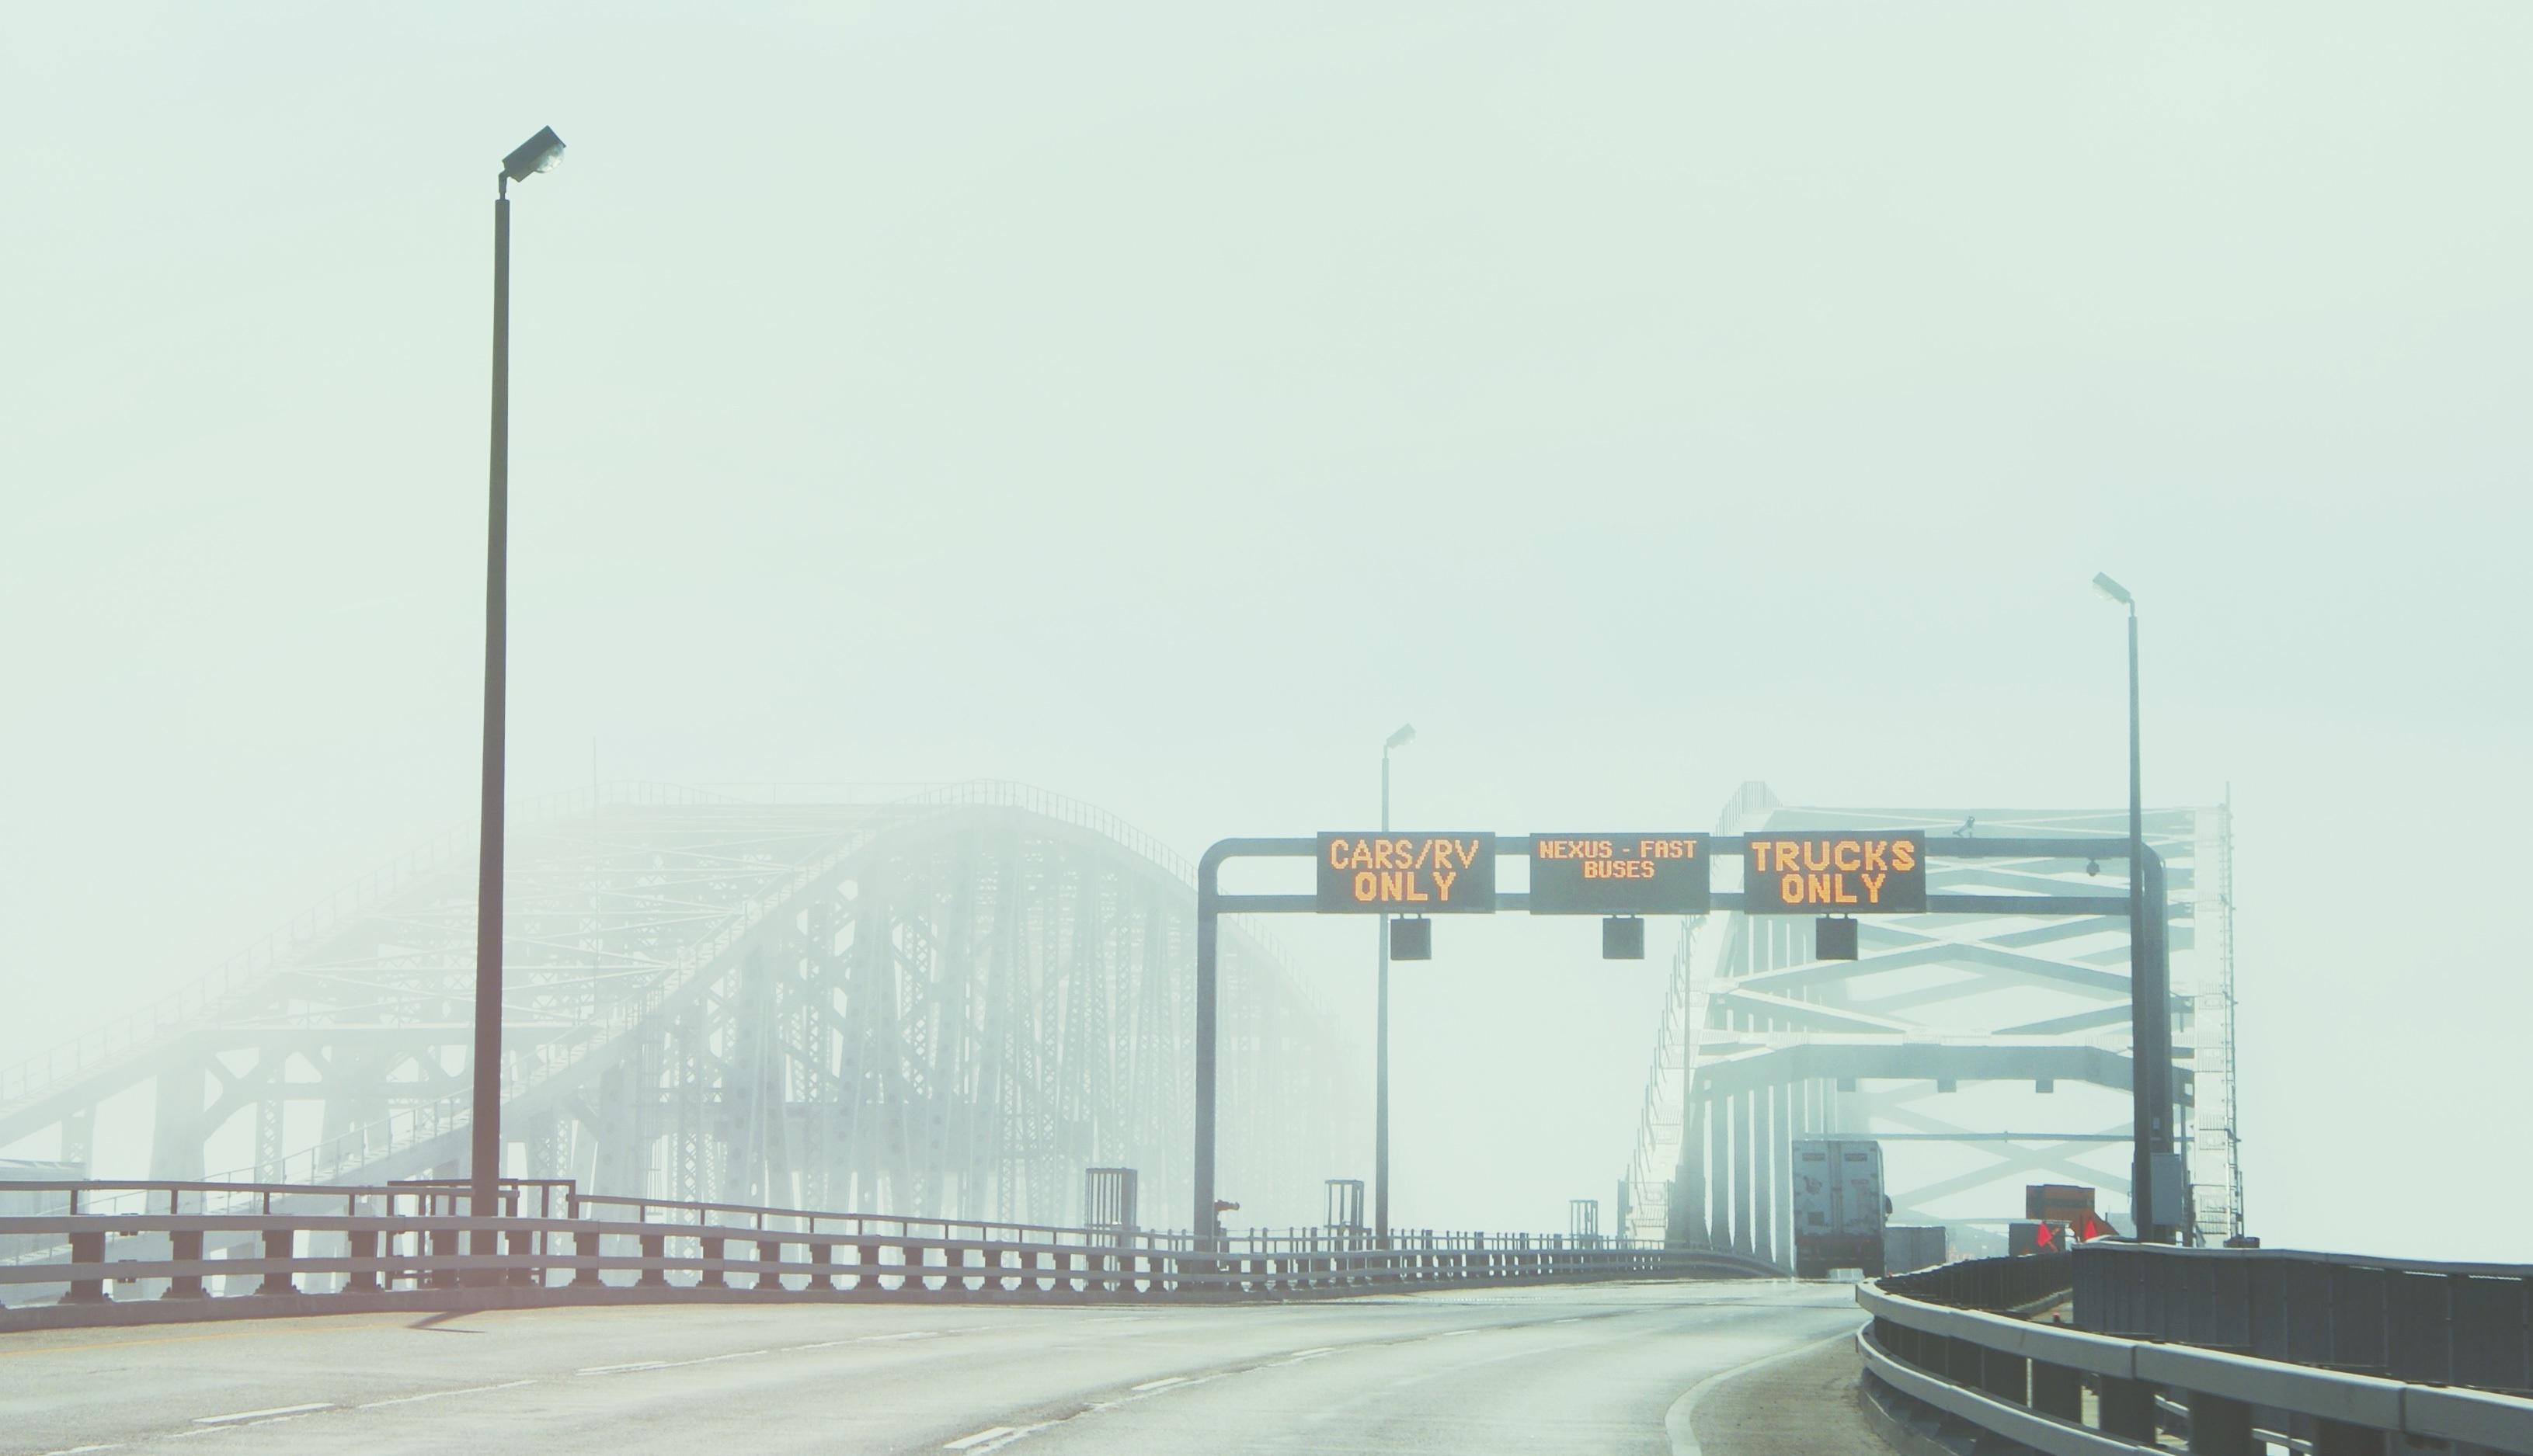 car lanes